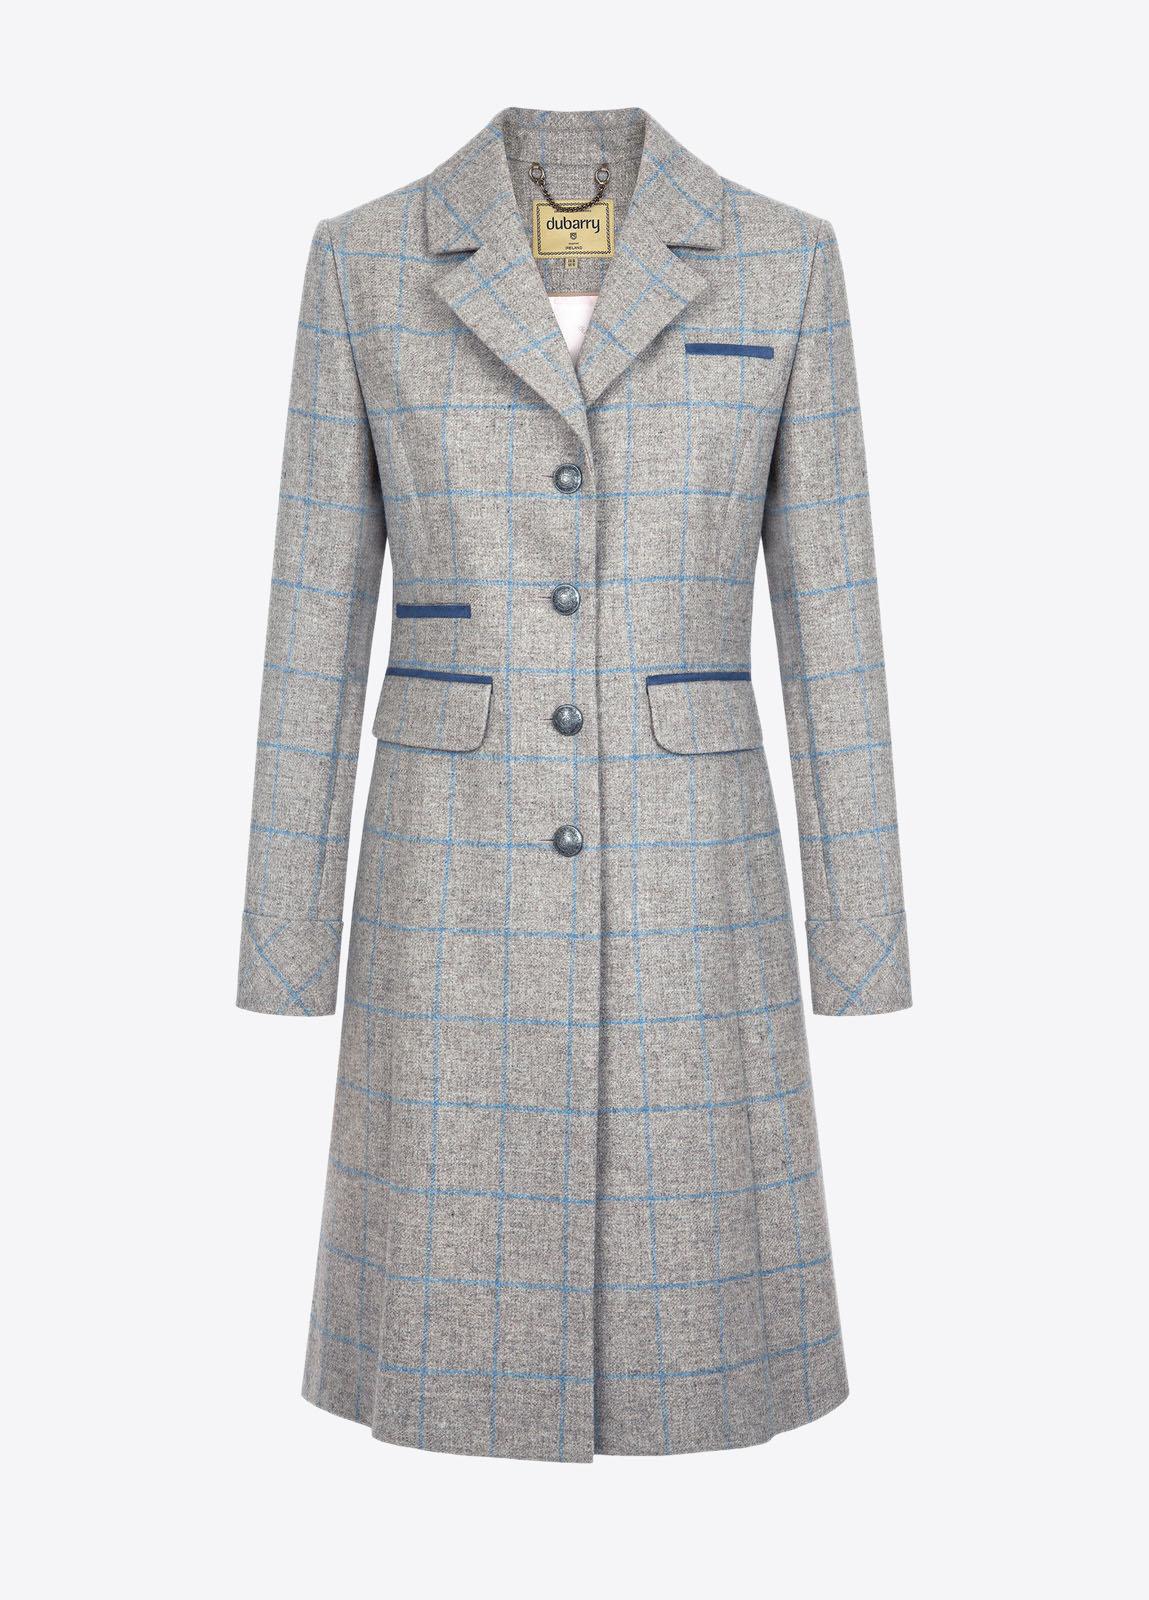 Blackthorn Tweed Jacket - Shale